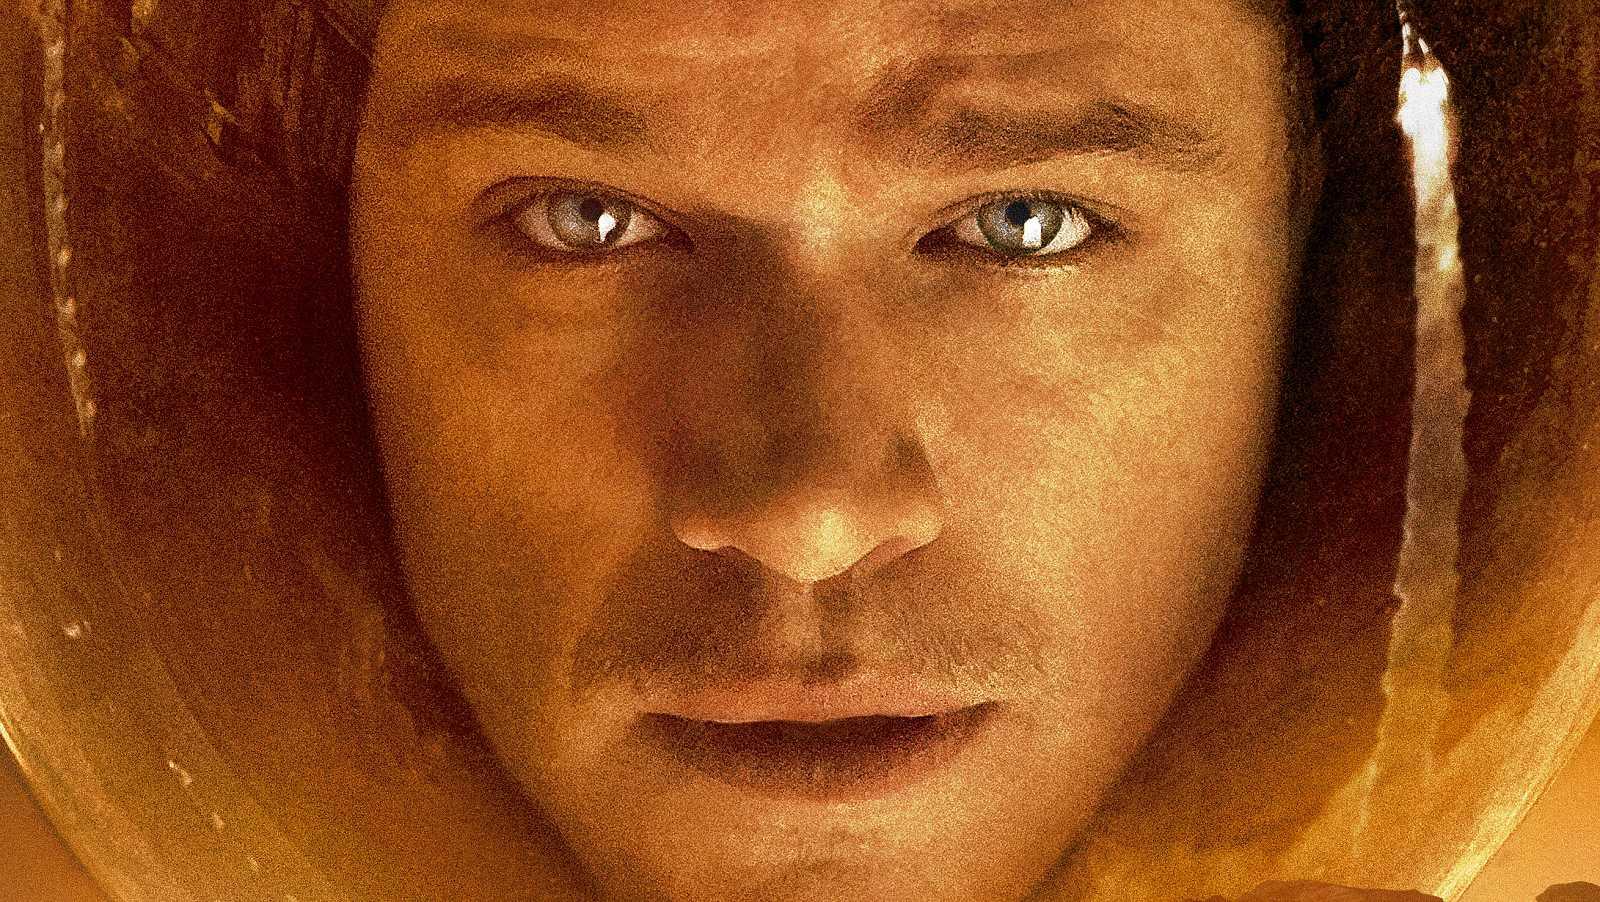 Ciencia y acción - Marte (The martian) (Ridley Scott, 2015) - 13/11/15 - Escuchar ahora